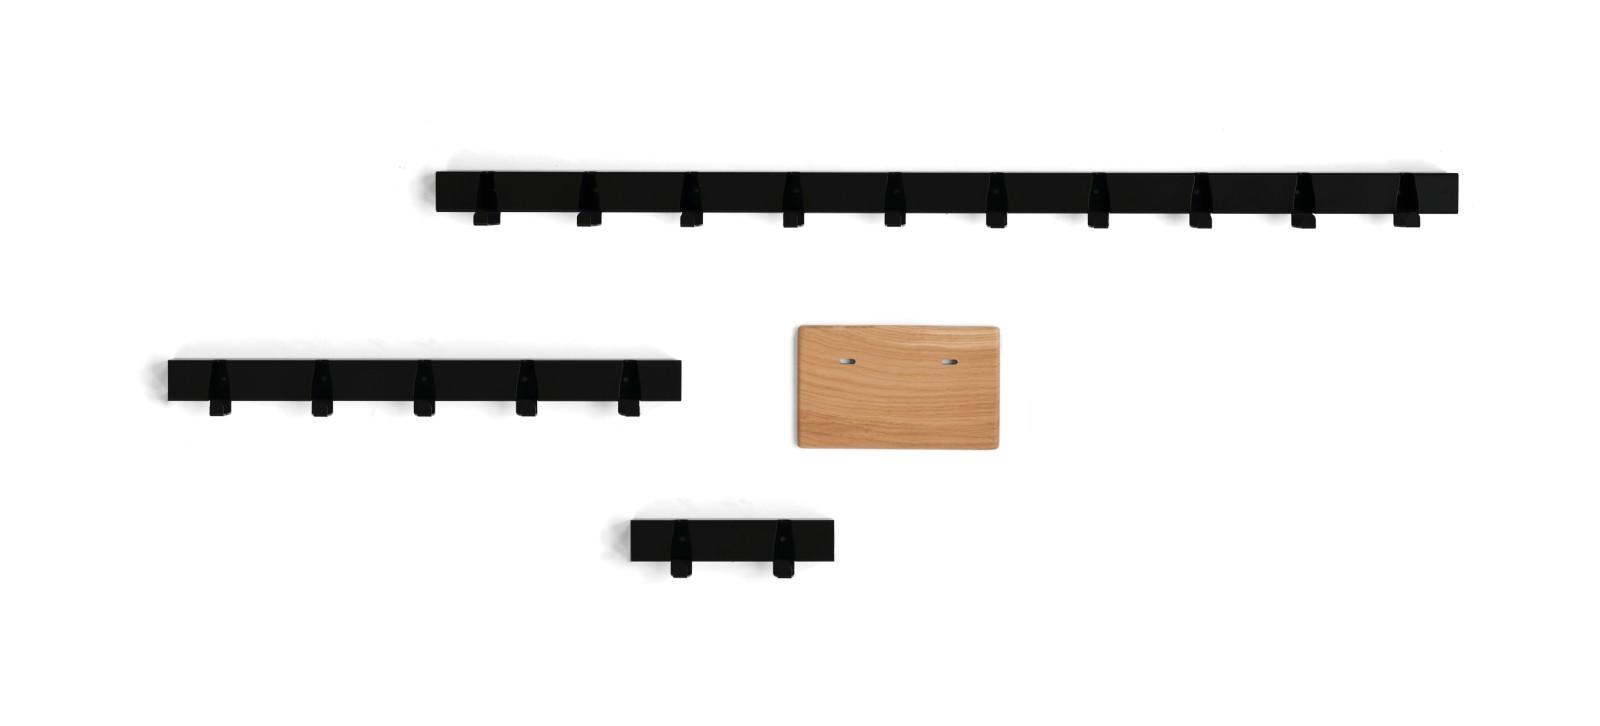 Coatrack by the Meter set 'random' in black